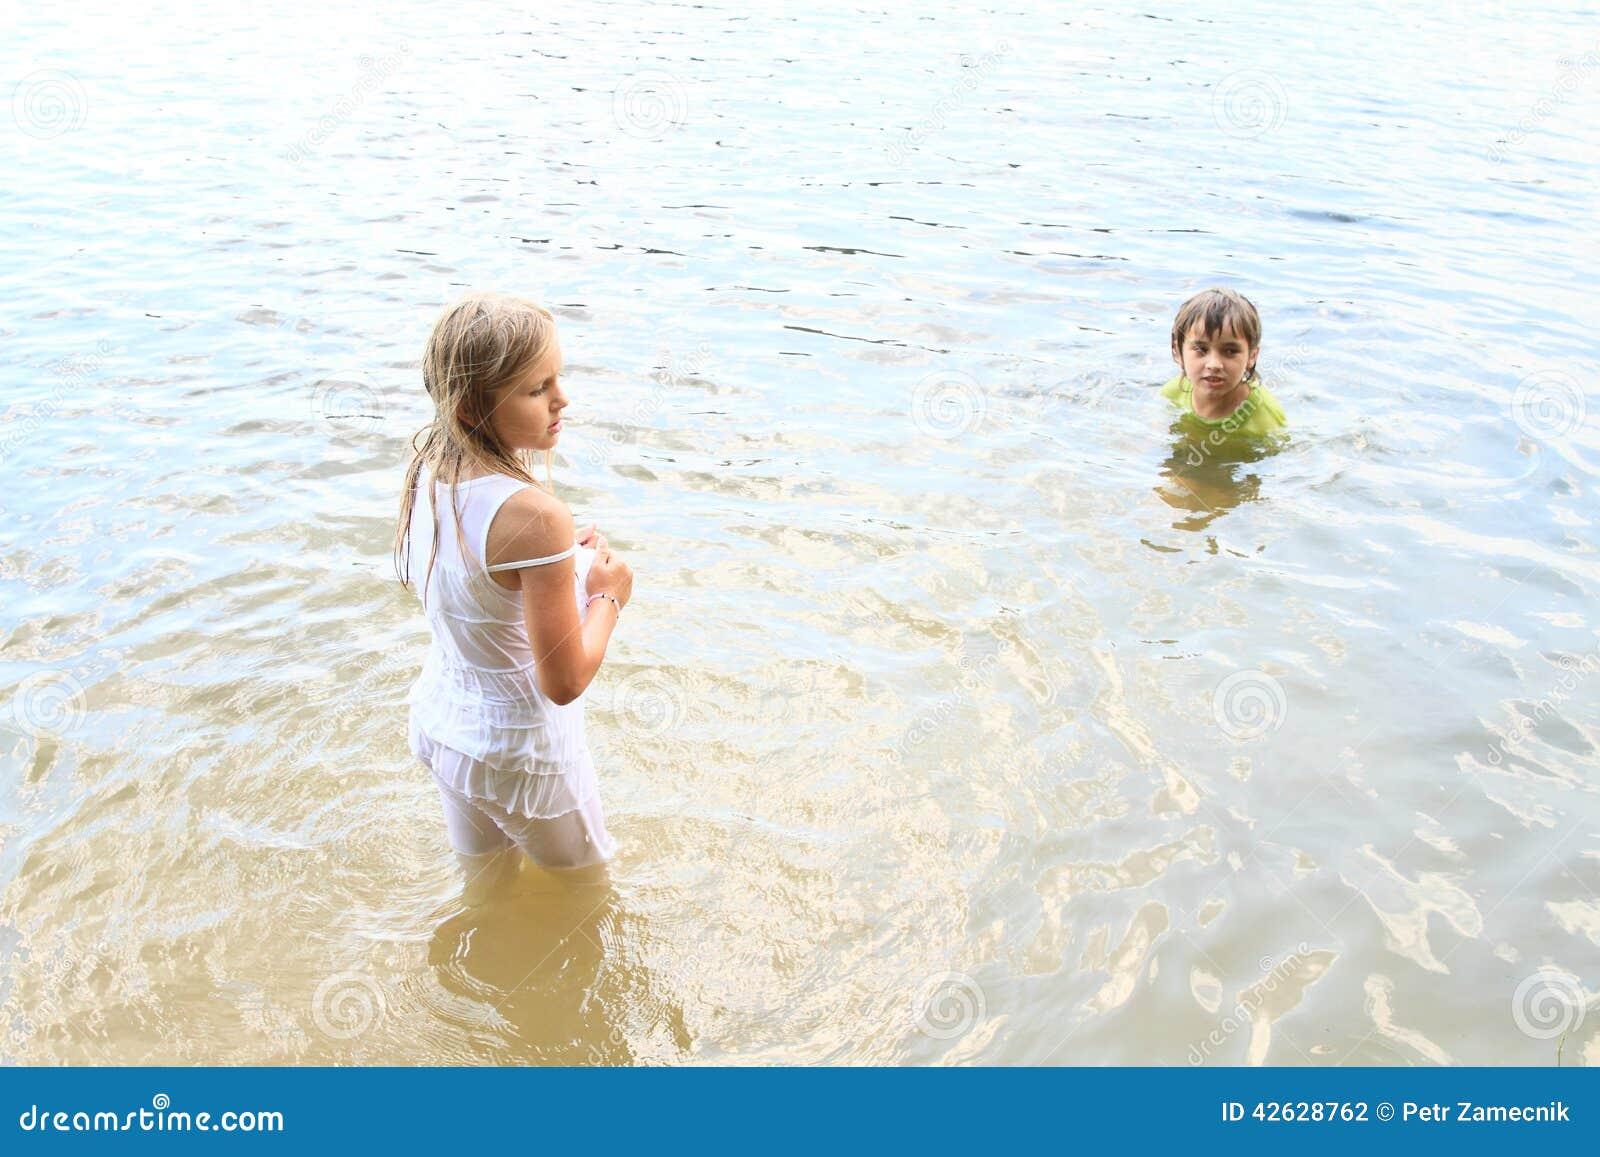 Little kids in water